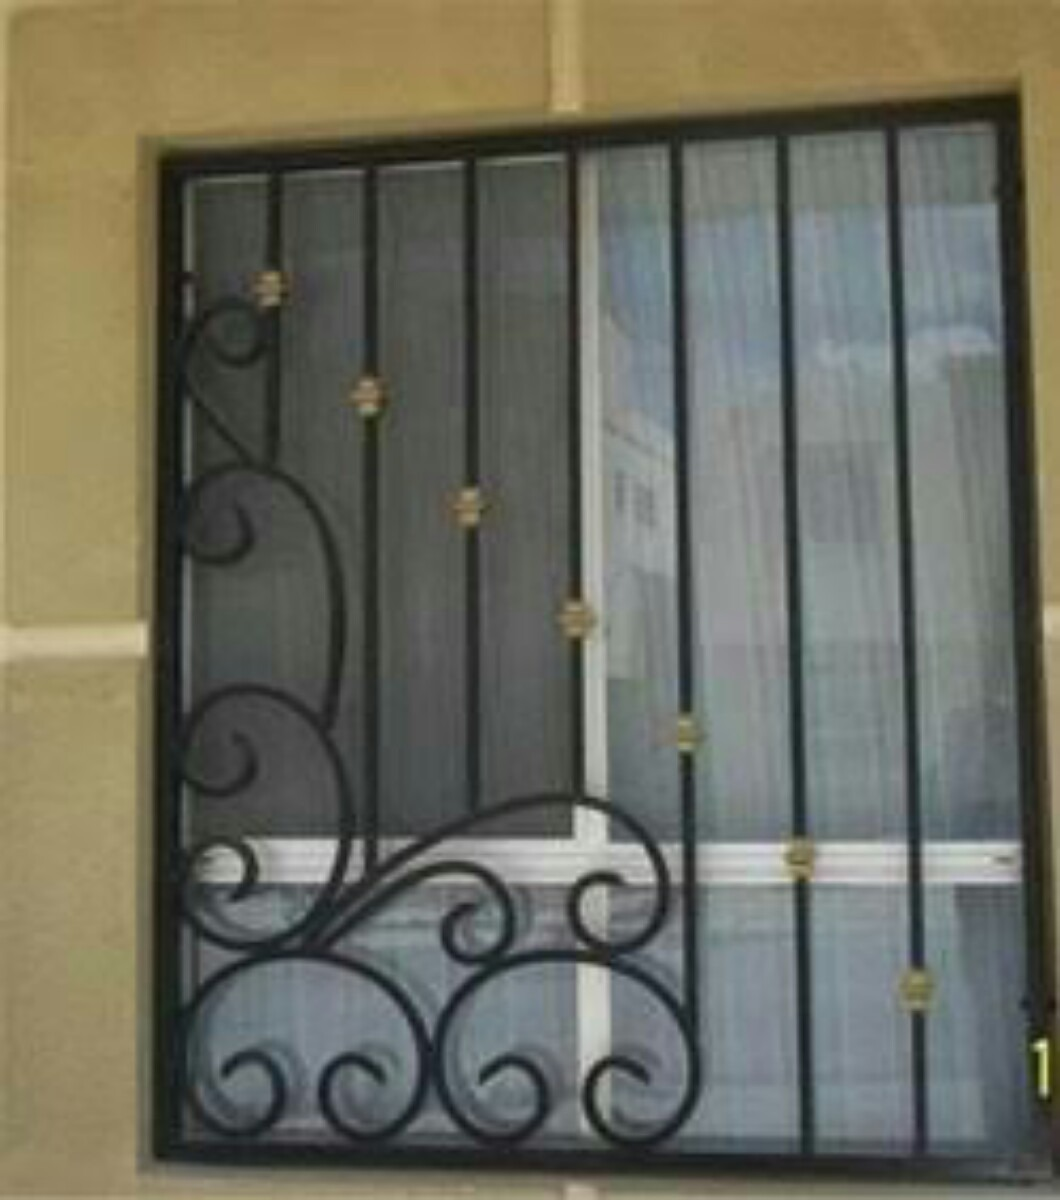 Pritecciones de herreria 1 en mercado libre for Imagenes de puertas de herreria modernas